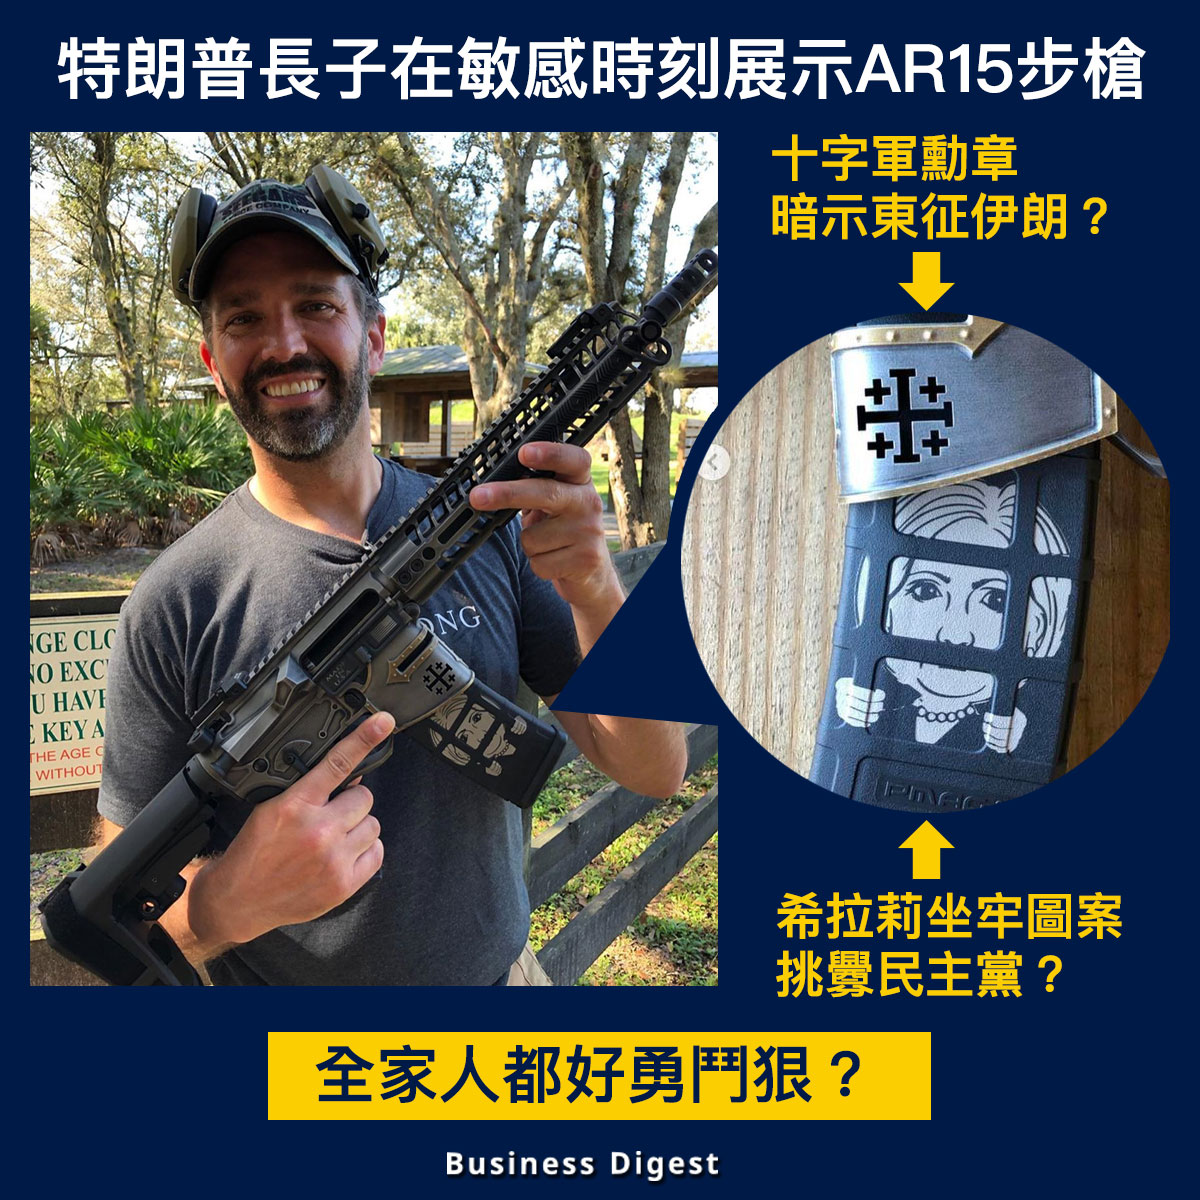 【商業熱話】特朗普長子在敏感時刻展示AR15步槍,十字軍勳章暗示東征伊朗?